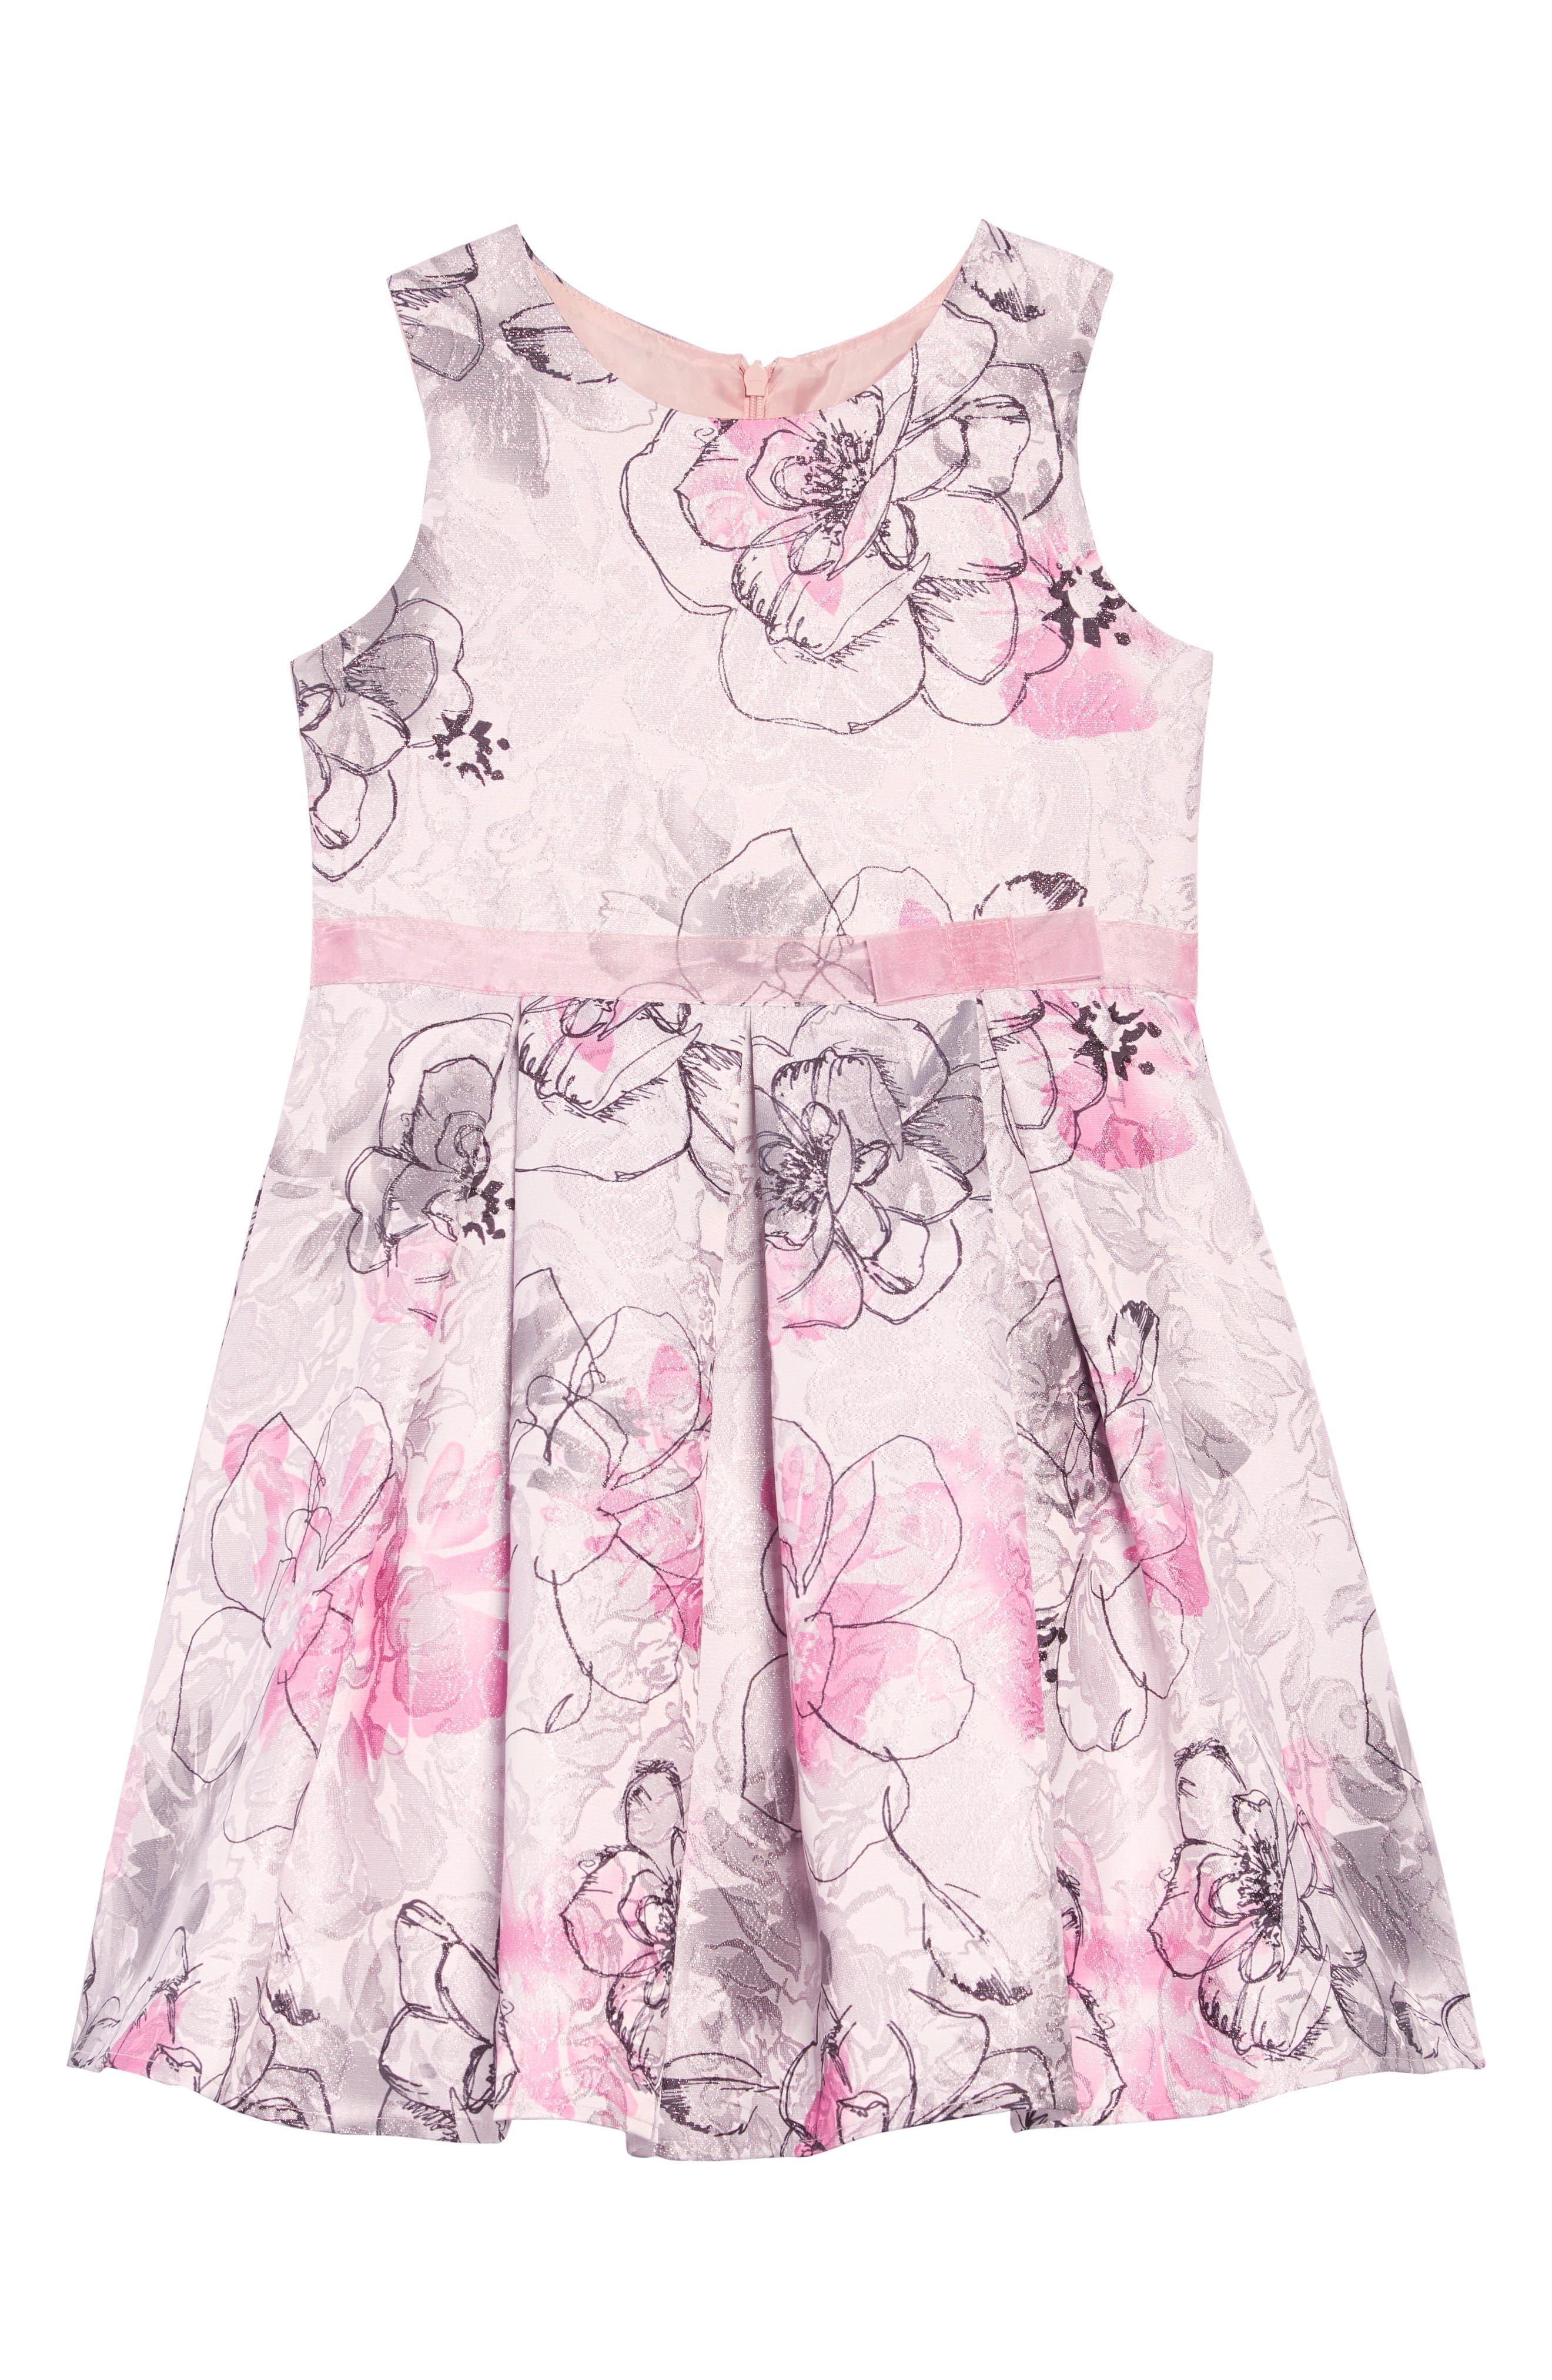 Jacquard Floral Dress,                             Main thumbnail 1, color,                             MULTI PRINT